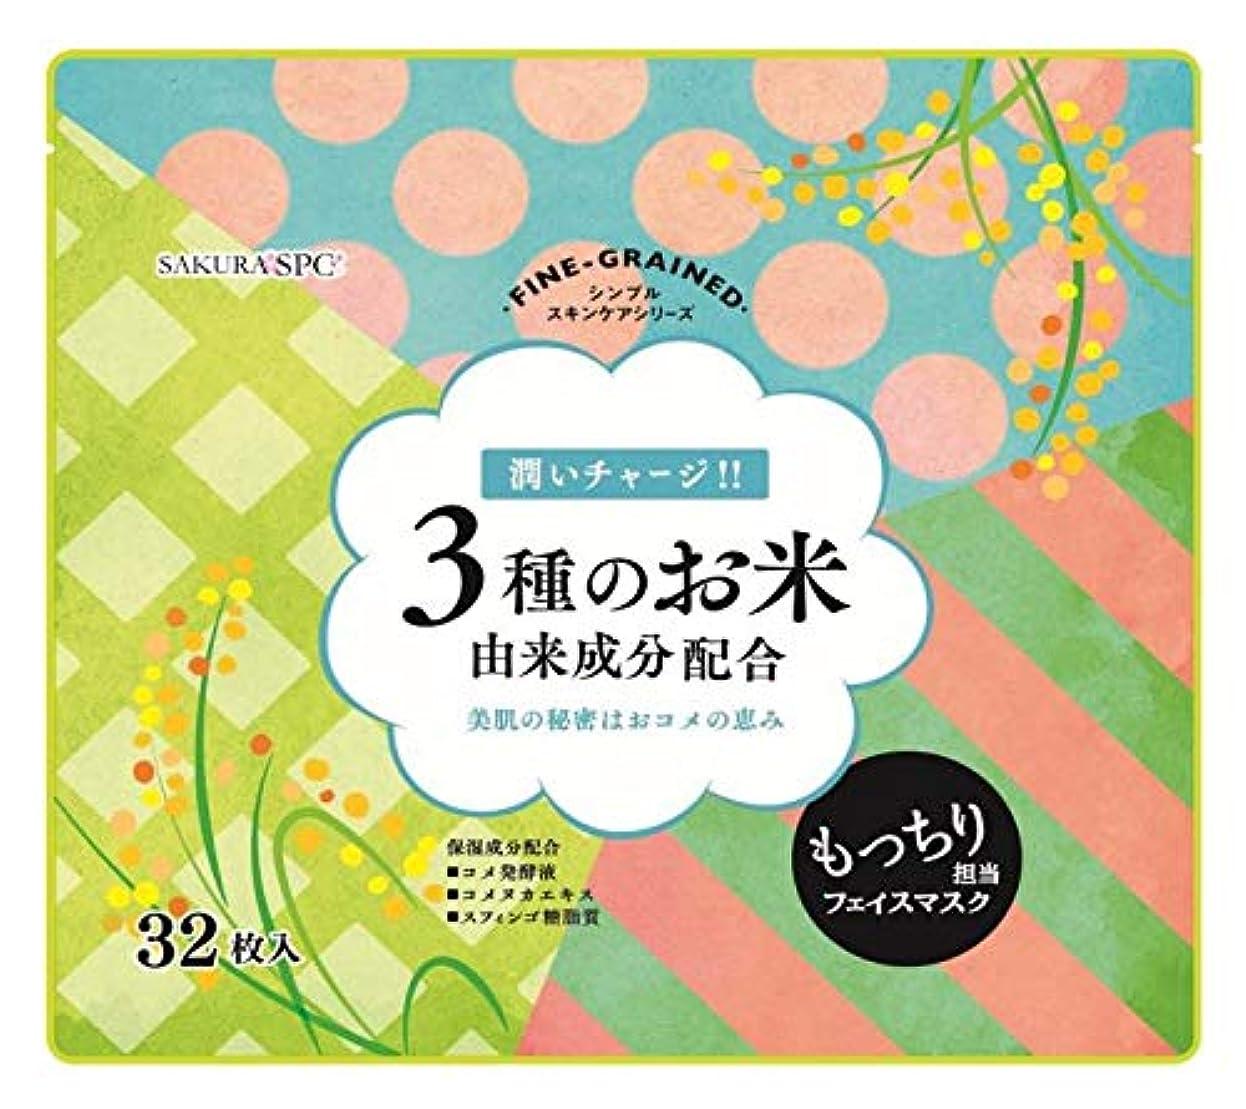 八人生を作る者3種のお米 由来成分配合 フェイス マスク 32枚入り (FINE GRAINED) シンプルスキンケアシリーズ